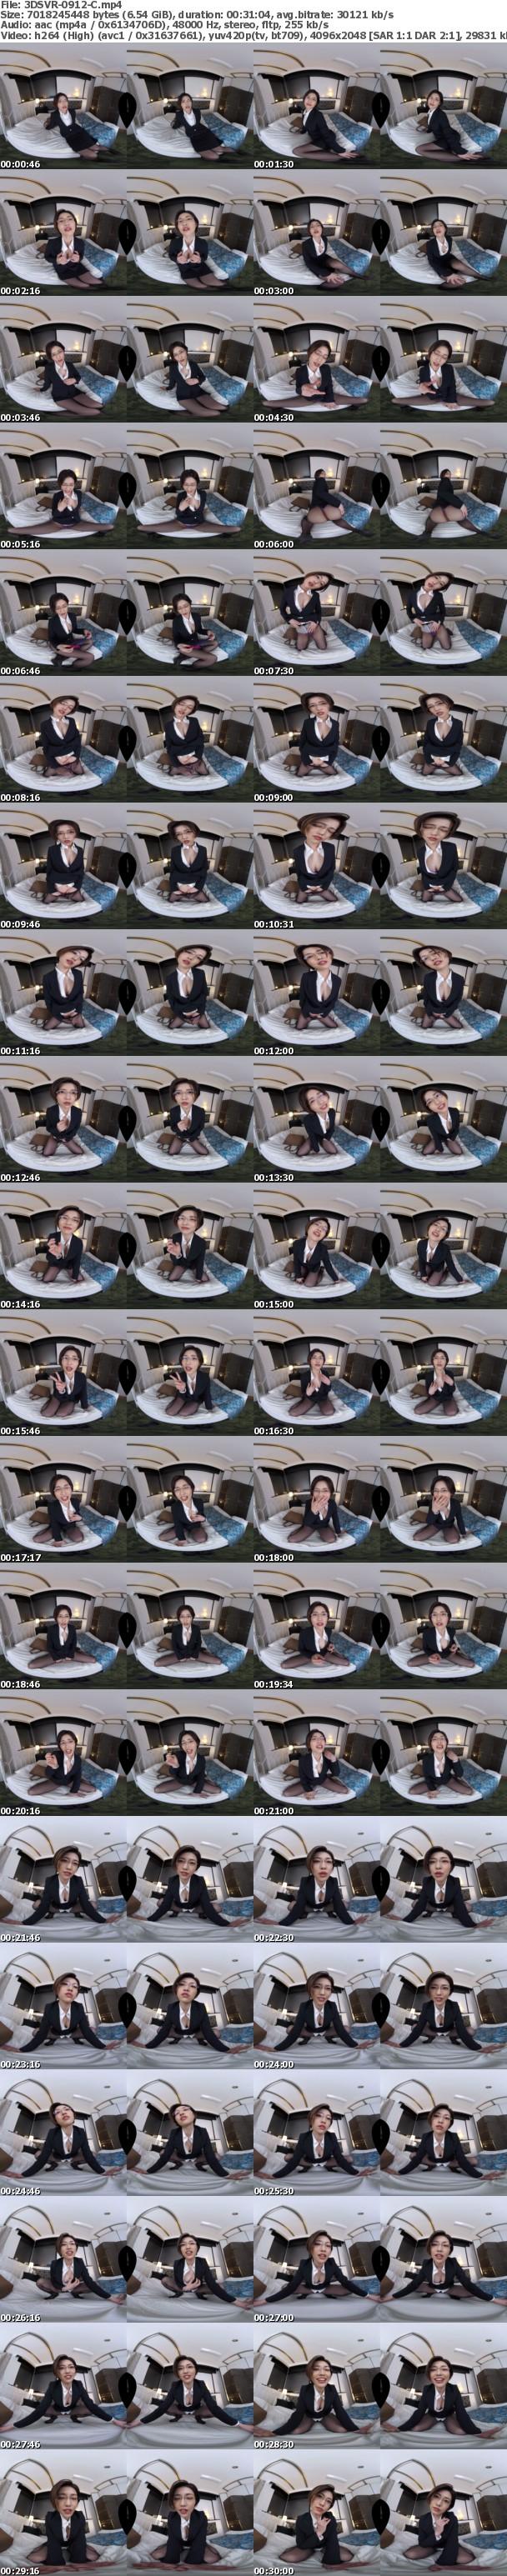 (VR) 3DSVR-0912 魔性の部下からM男開発JOI 平日休日出張先ところかまわずセンズリ調教 市川まさみ